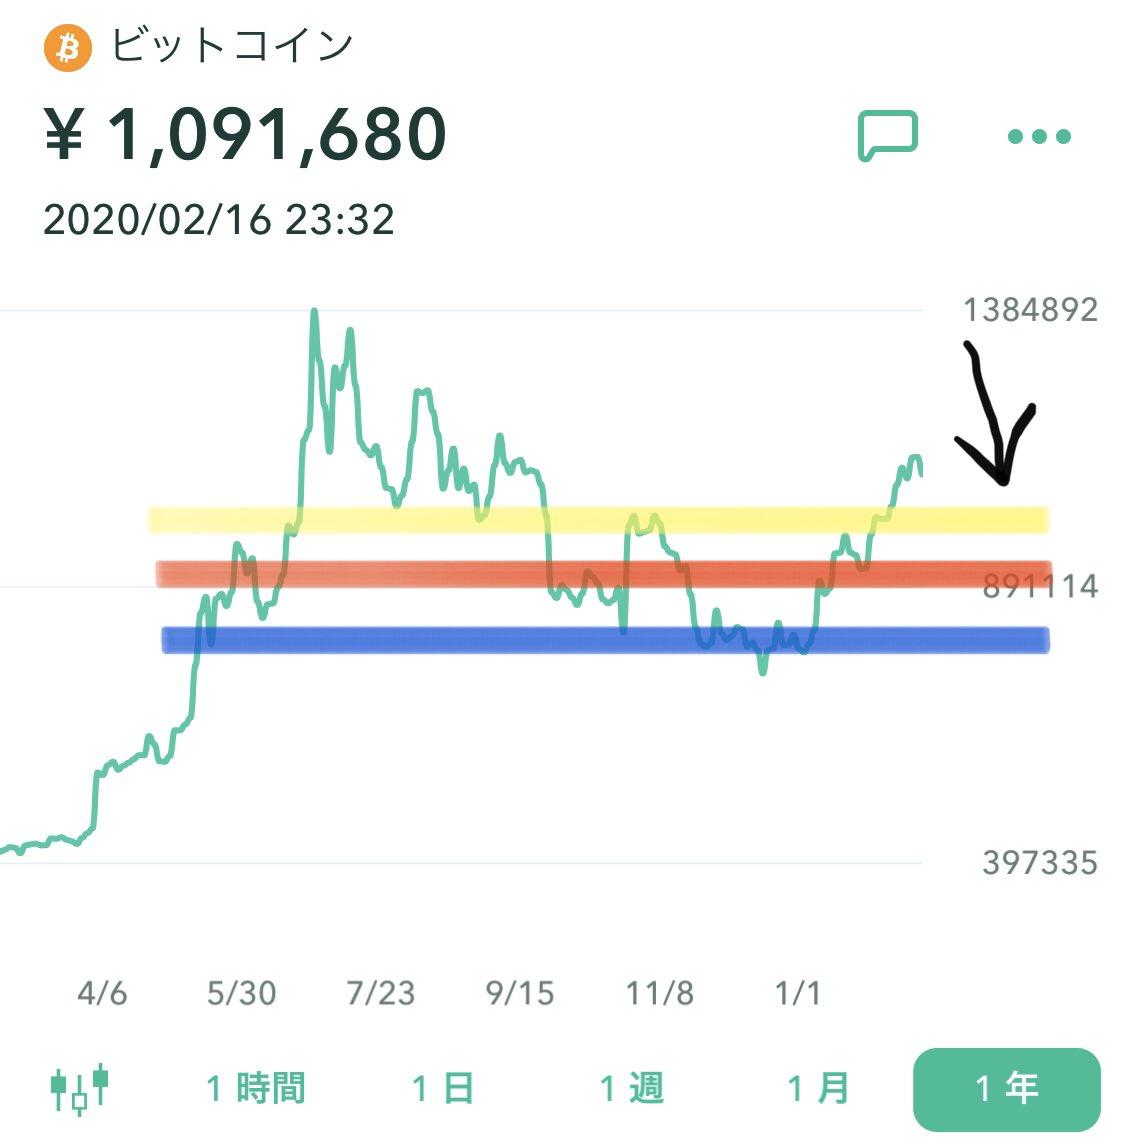 仮想通貨【BTC】ビットコインちょっといい感じに下がってきたけど、このまま下げてくれ〜🙏黄:ここまでは下げて欲しい赤:ここまで下げたらラッキー青:ここまで下げたらスゴイ下げれば下げるほど資金投入したいけど、下手したらこのまま上に突き抜けるか、ヨコヨコのレンジ相場突入かもね🤔